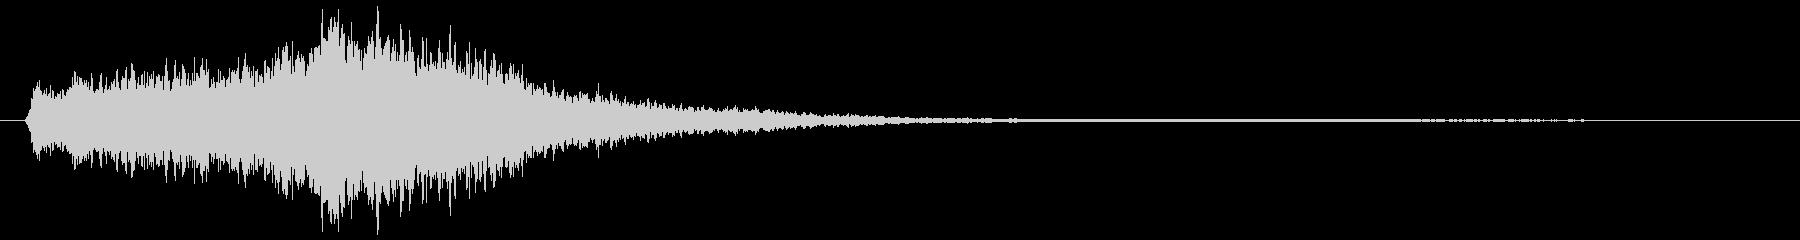 ビュゥゥ。恐怖・悪寒の音C(低・上昇)の未再生の波形